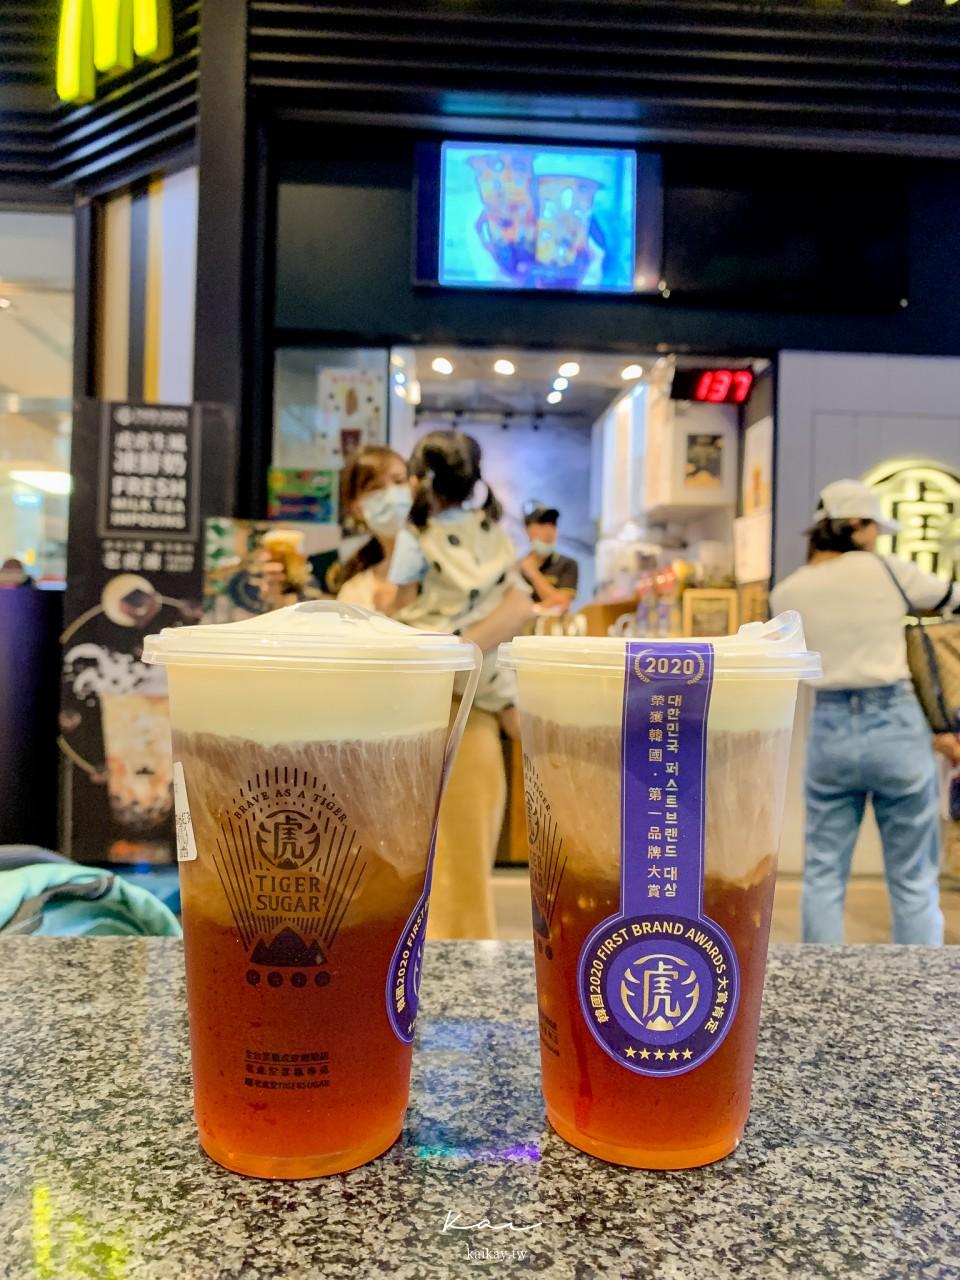 ☆【台北】老虎堂虎紋黑糖不夠看,紅茶拿鐵更好喝!今晚打老虎XD